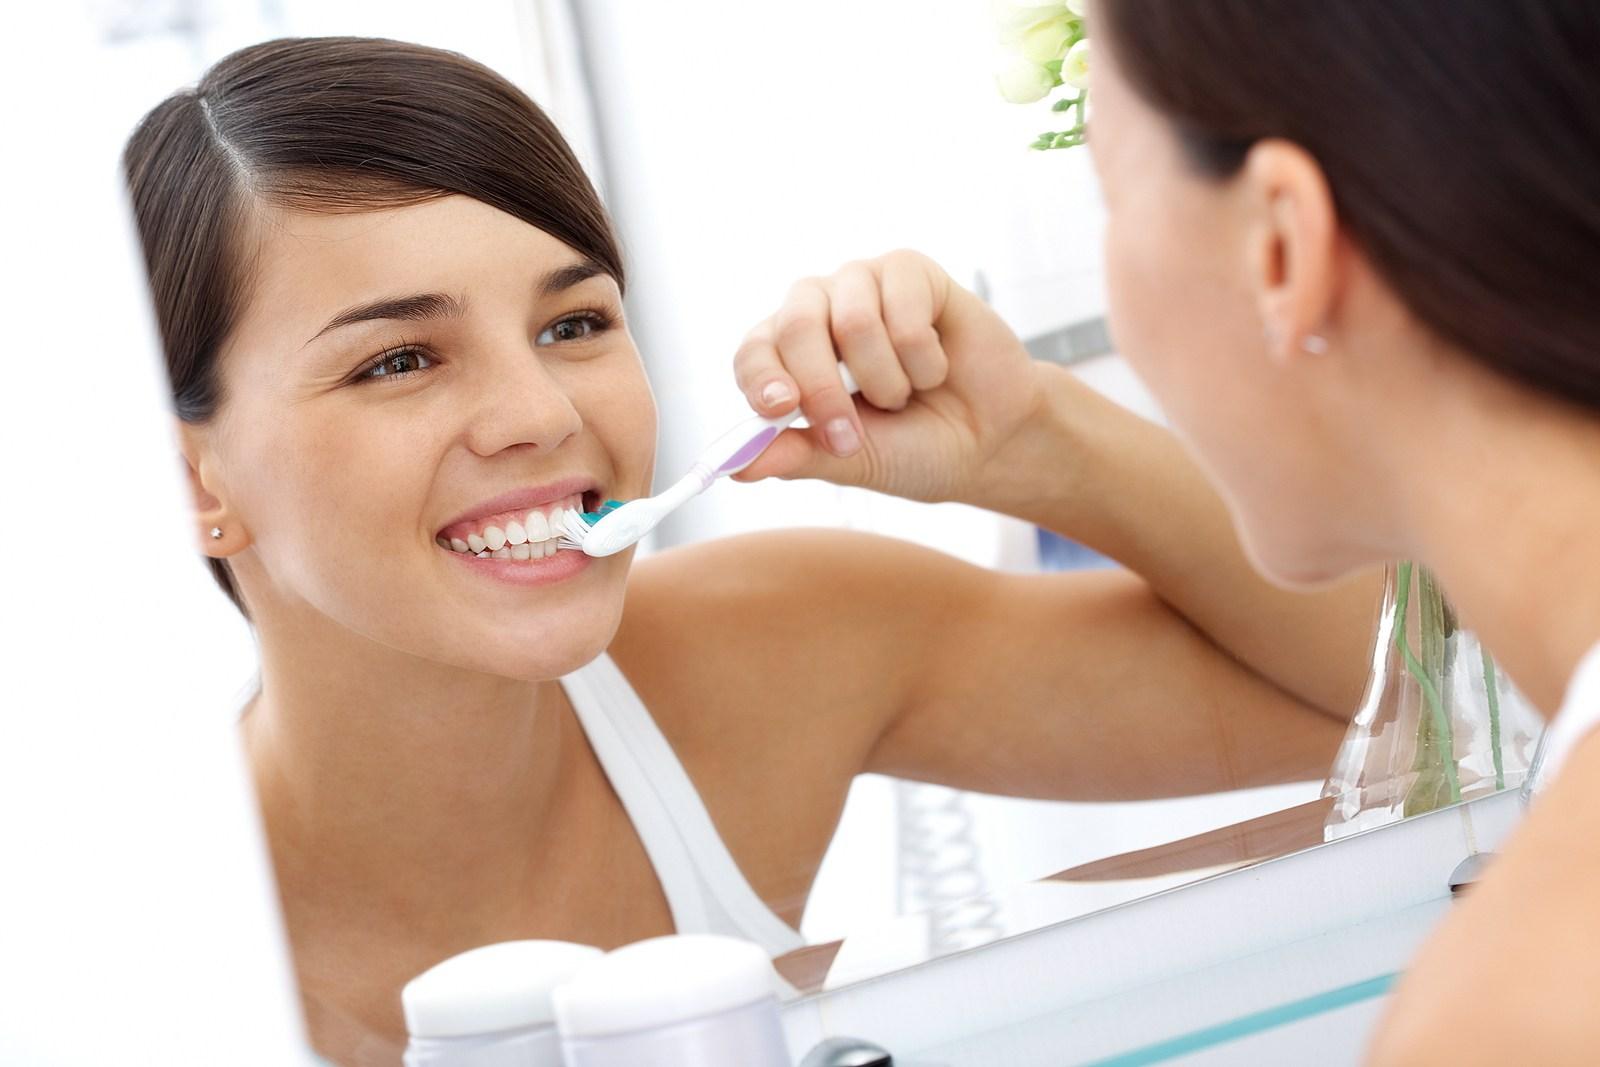 Bật mí 4 cách chữa hôi miệng bằng nước vo gạo cực hay